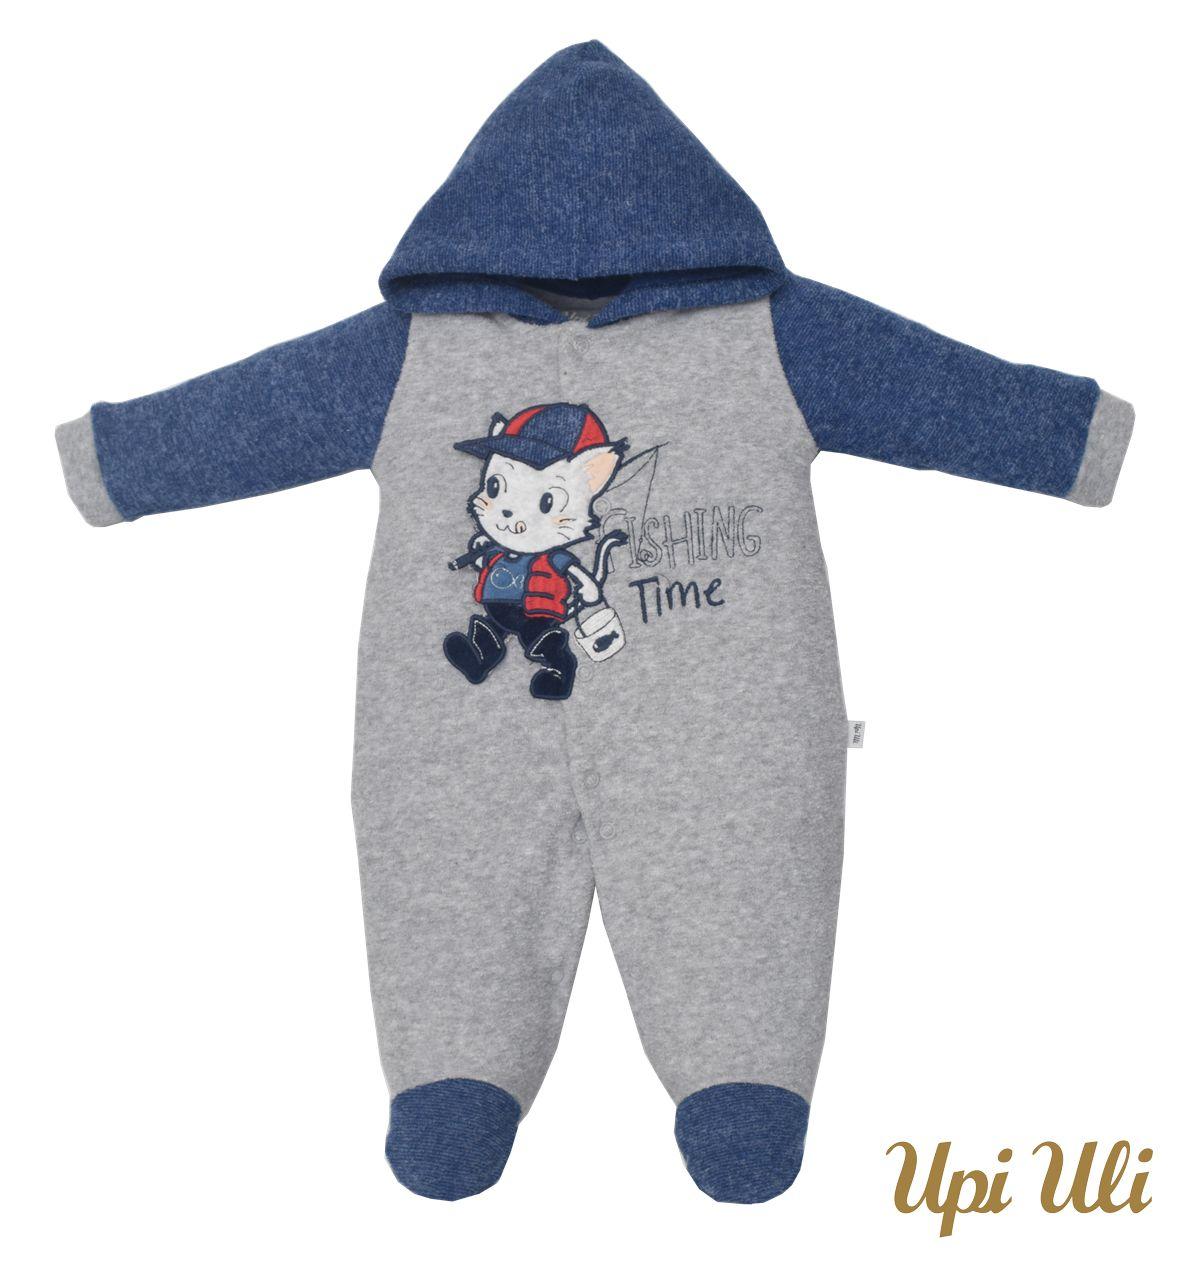 Macacão de bebê  Plush Buckle Theo O/I